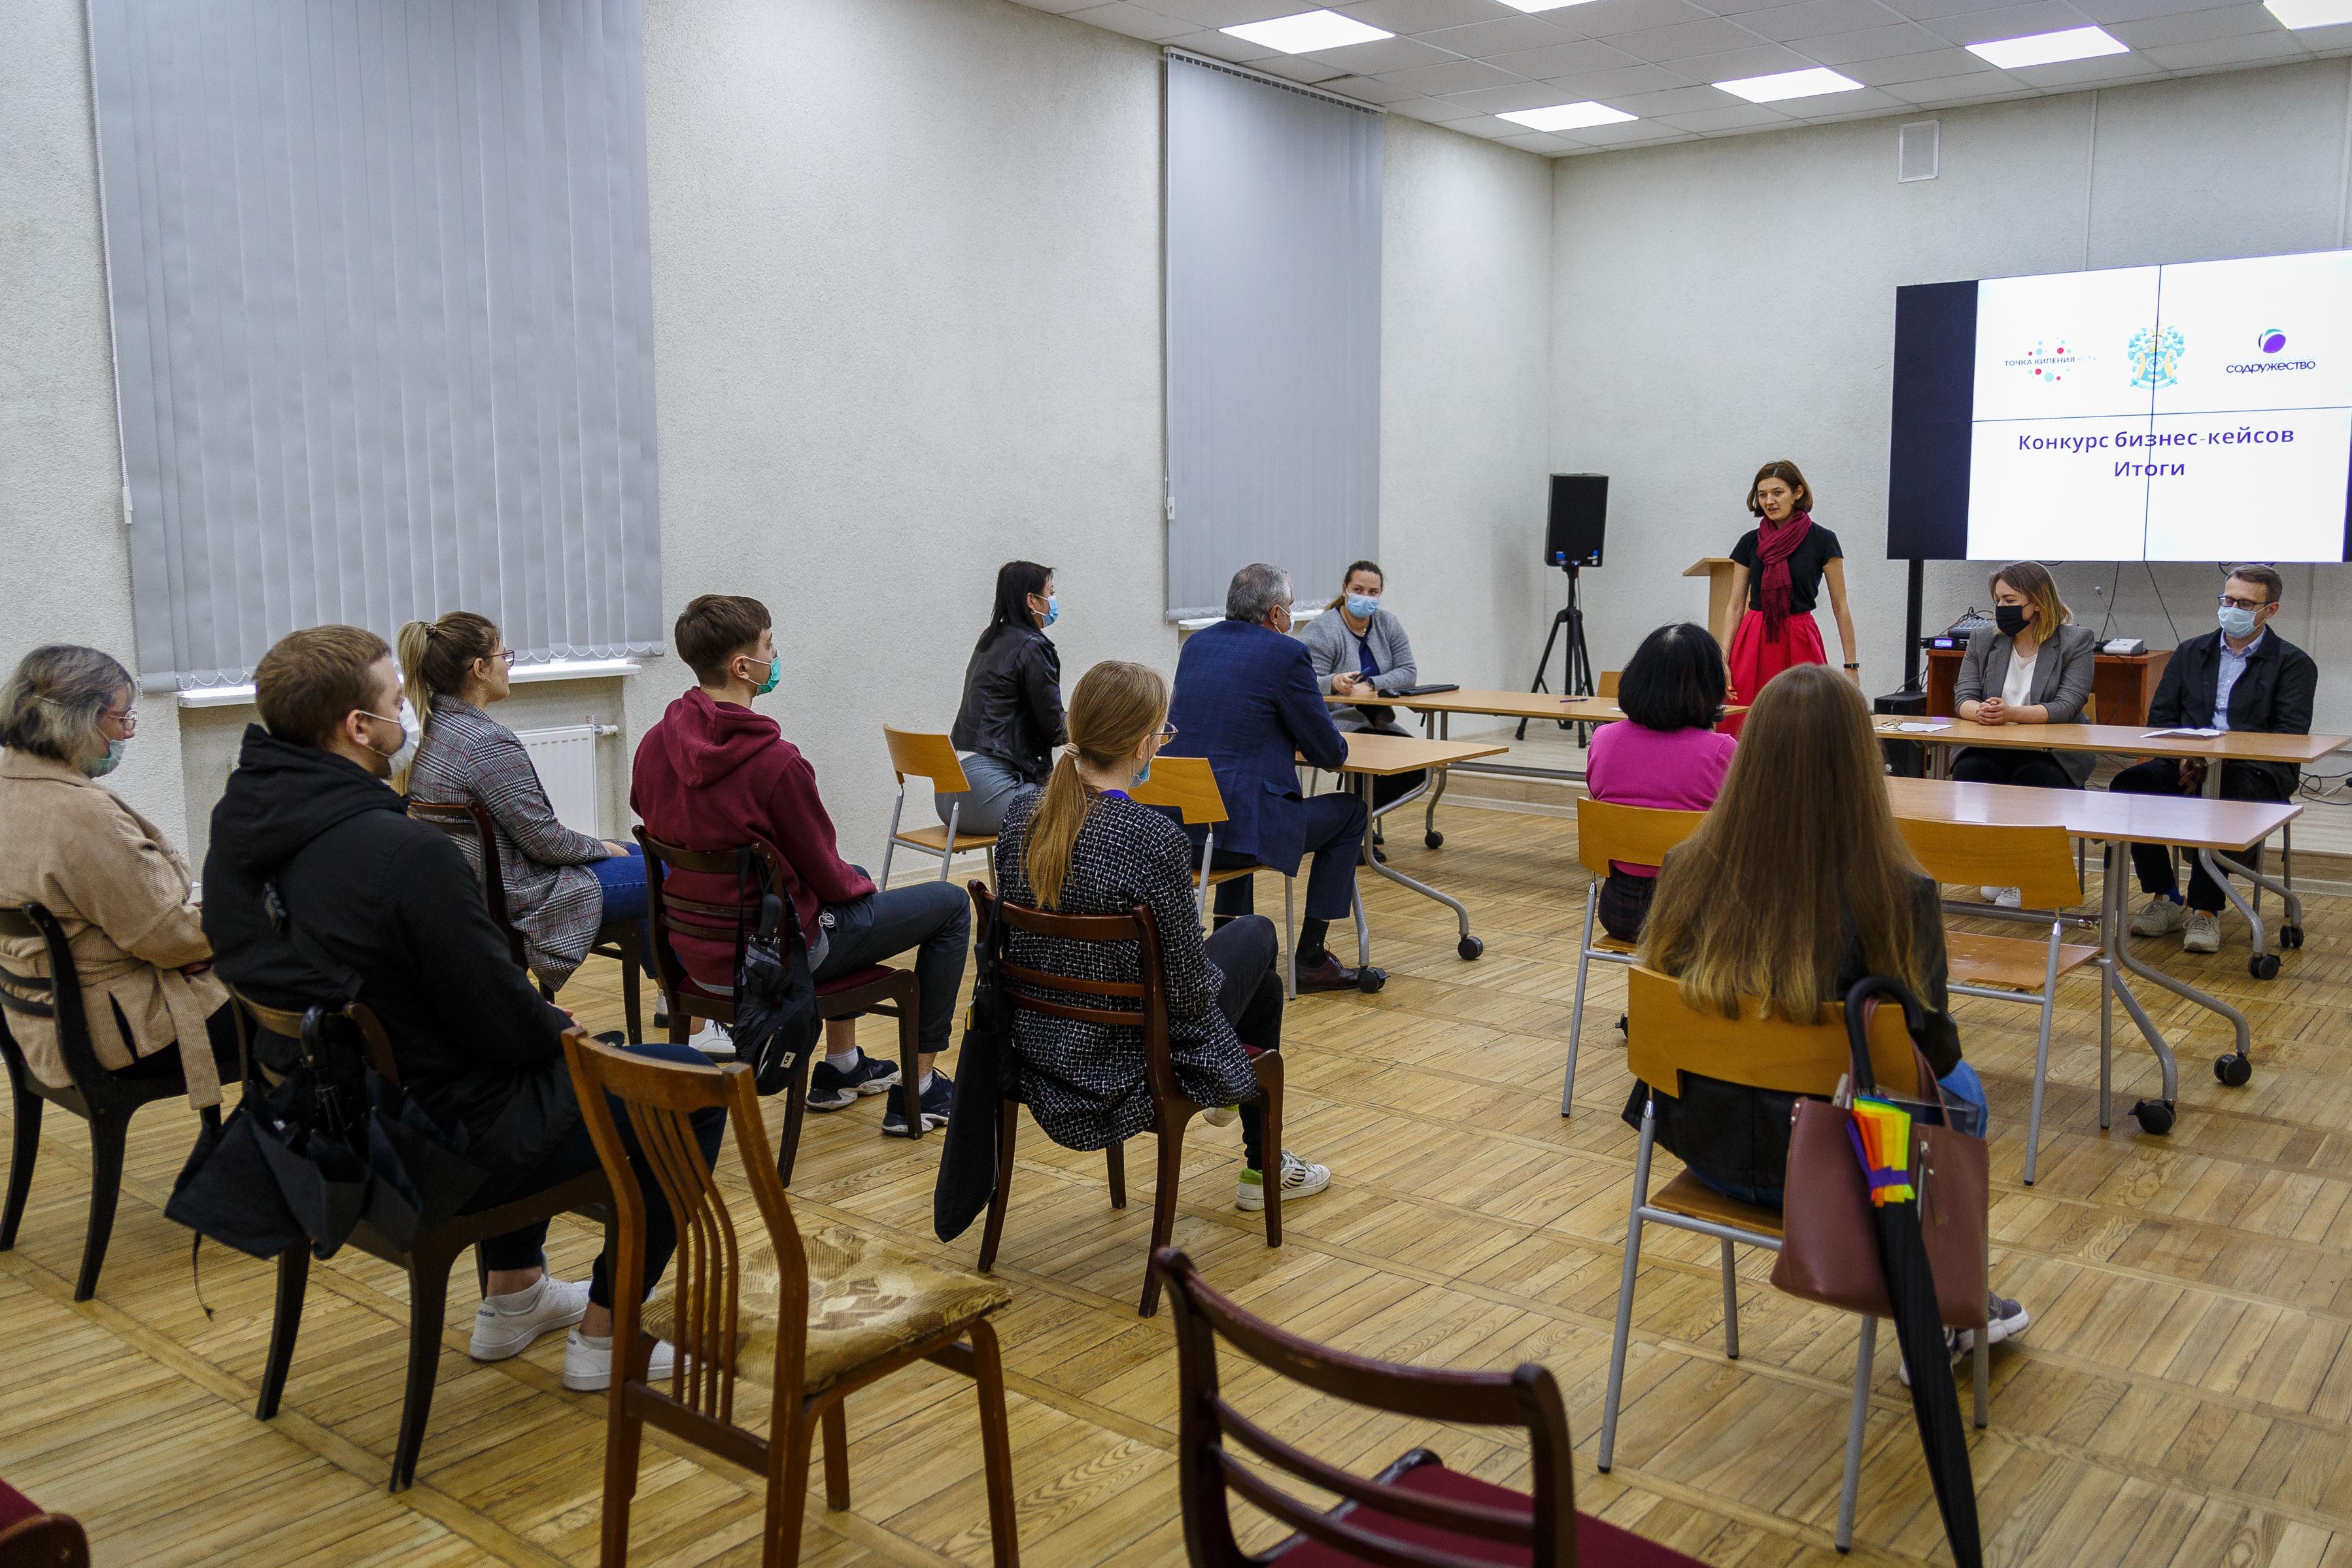 В КГТУ подвели итоги конкурса, организованного Группой компаний «Содружество»